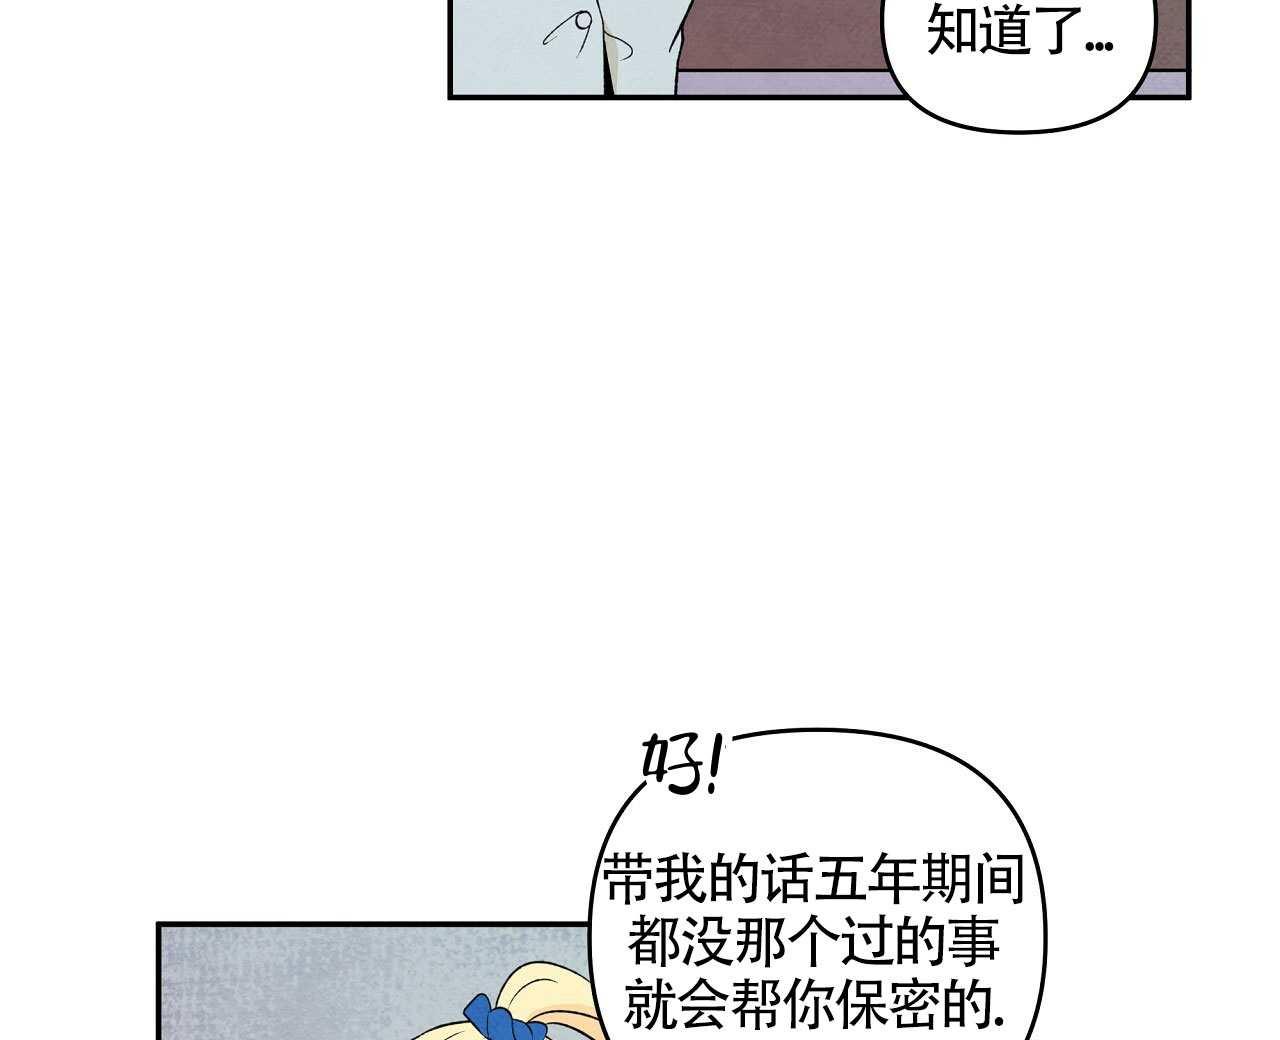 韩漫《祝你好运》帅气小乞丐x温柔店长,暴力小可爱!